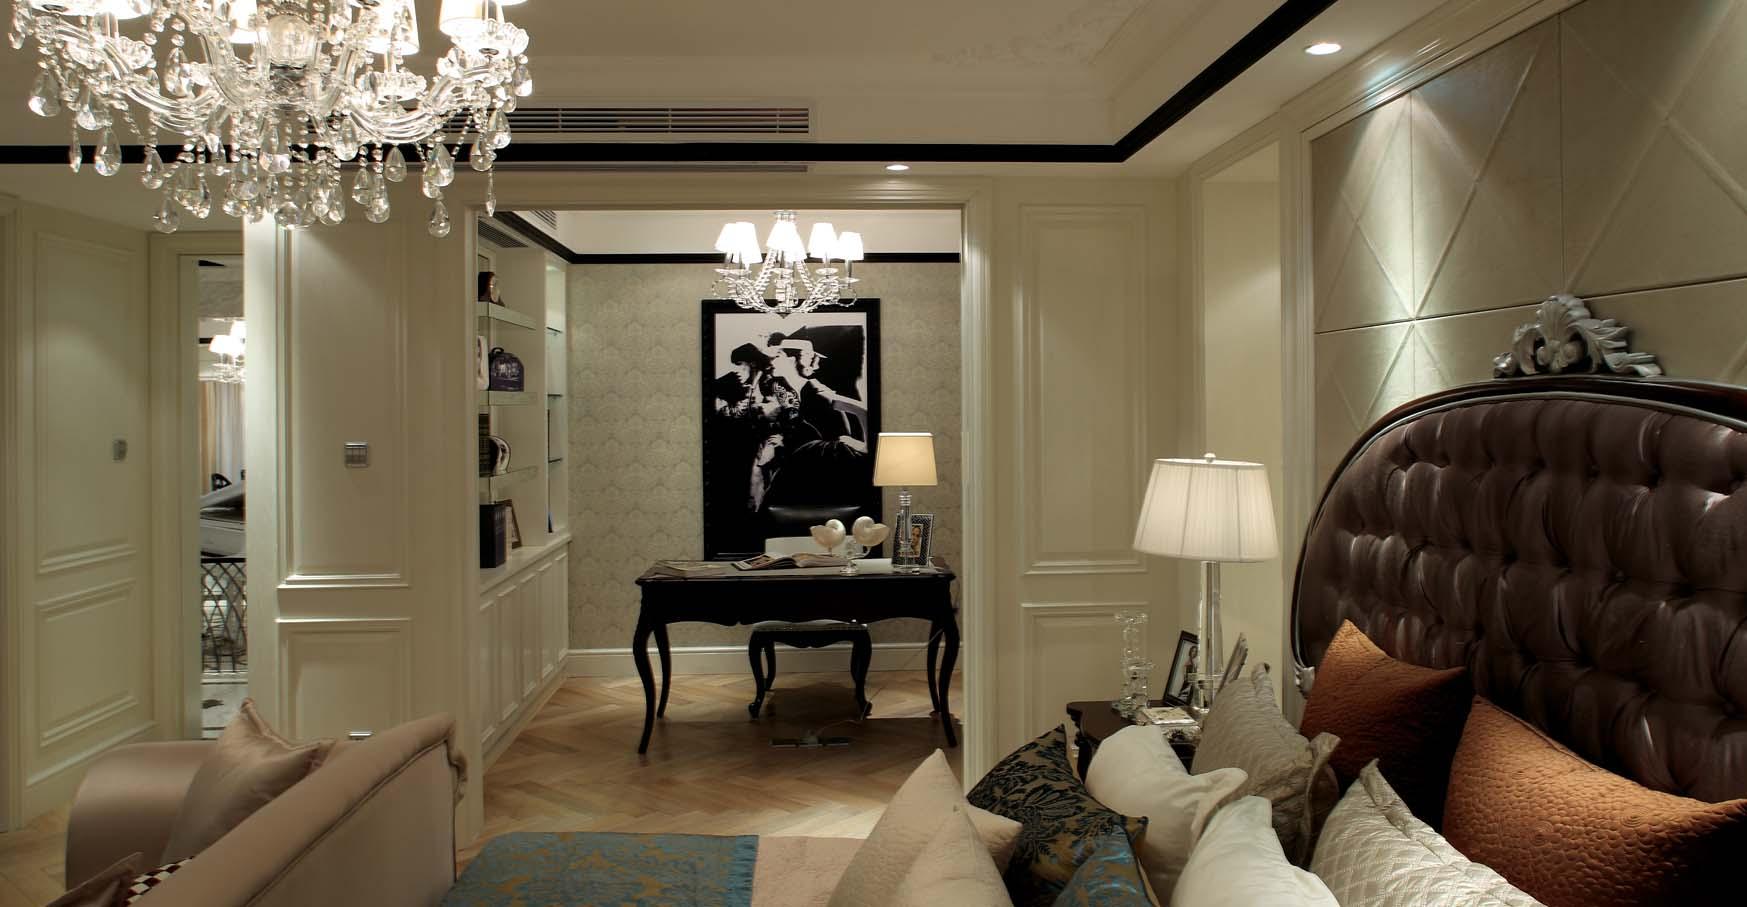 远大林语城 新古典 成都龙发 龙发装饰 装修效果 卧室图片来自龙发装饰设计达人在远大林语城新古典风格效果图的分享